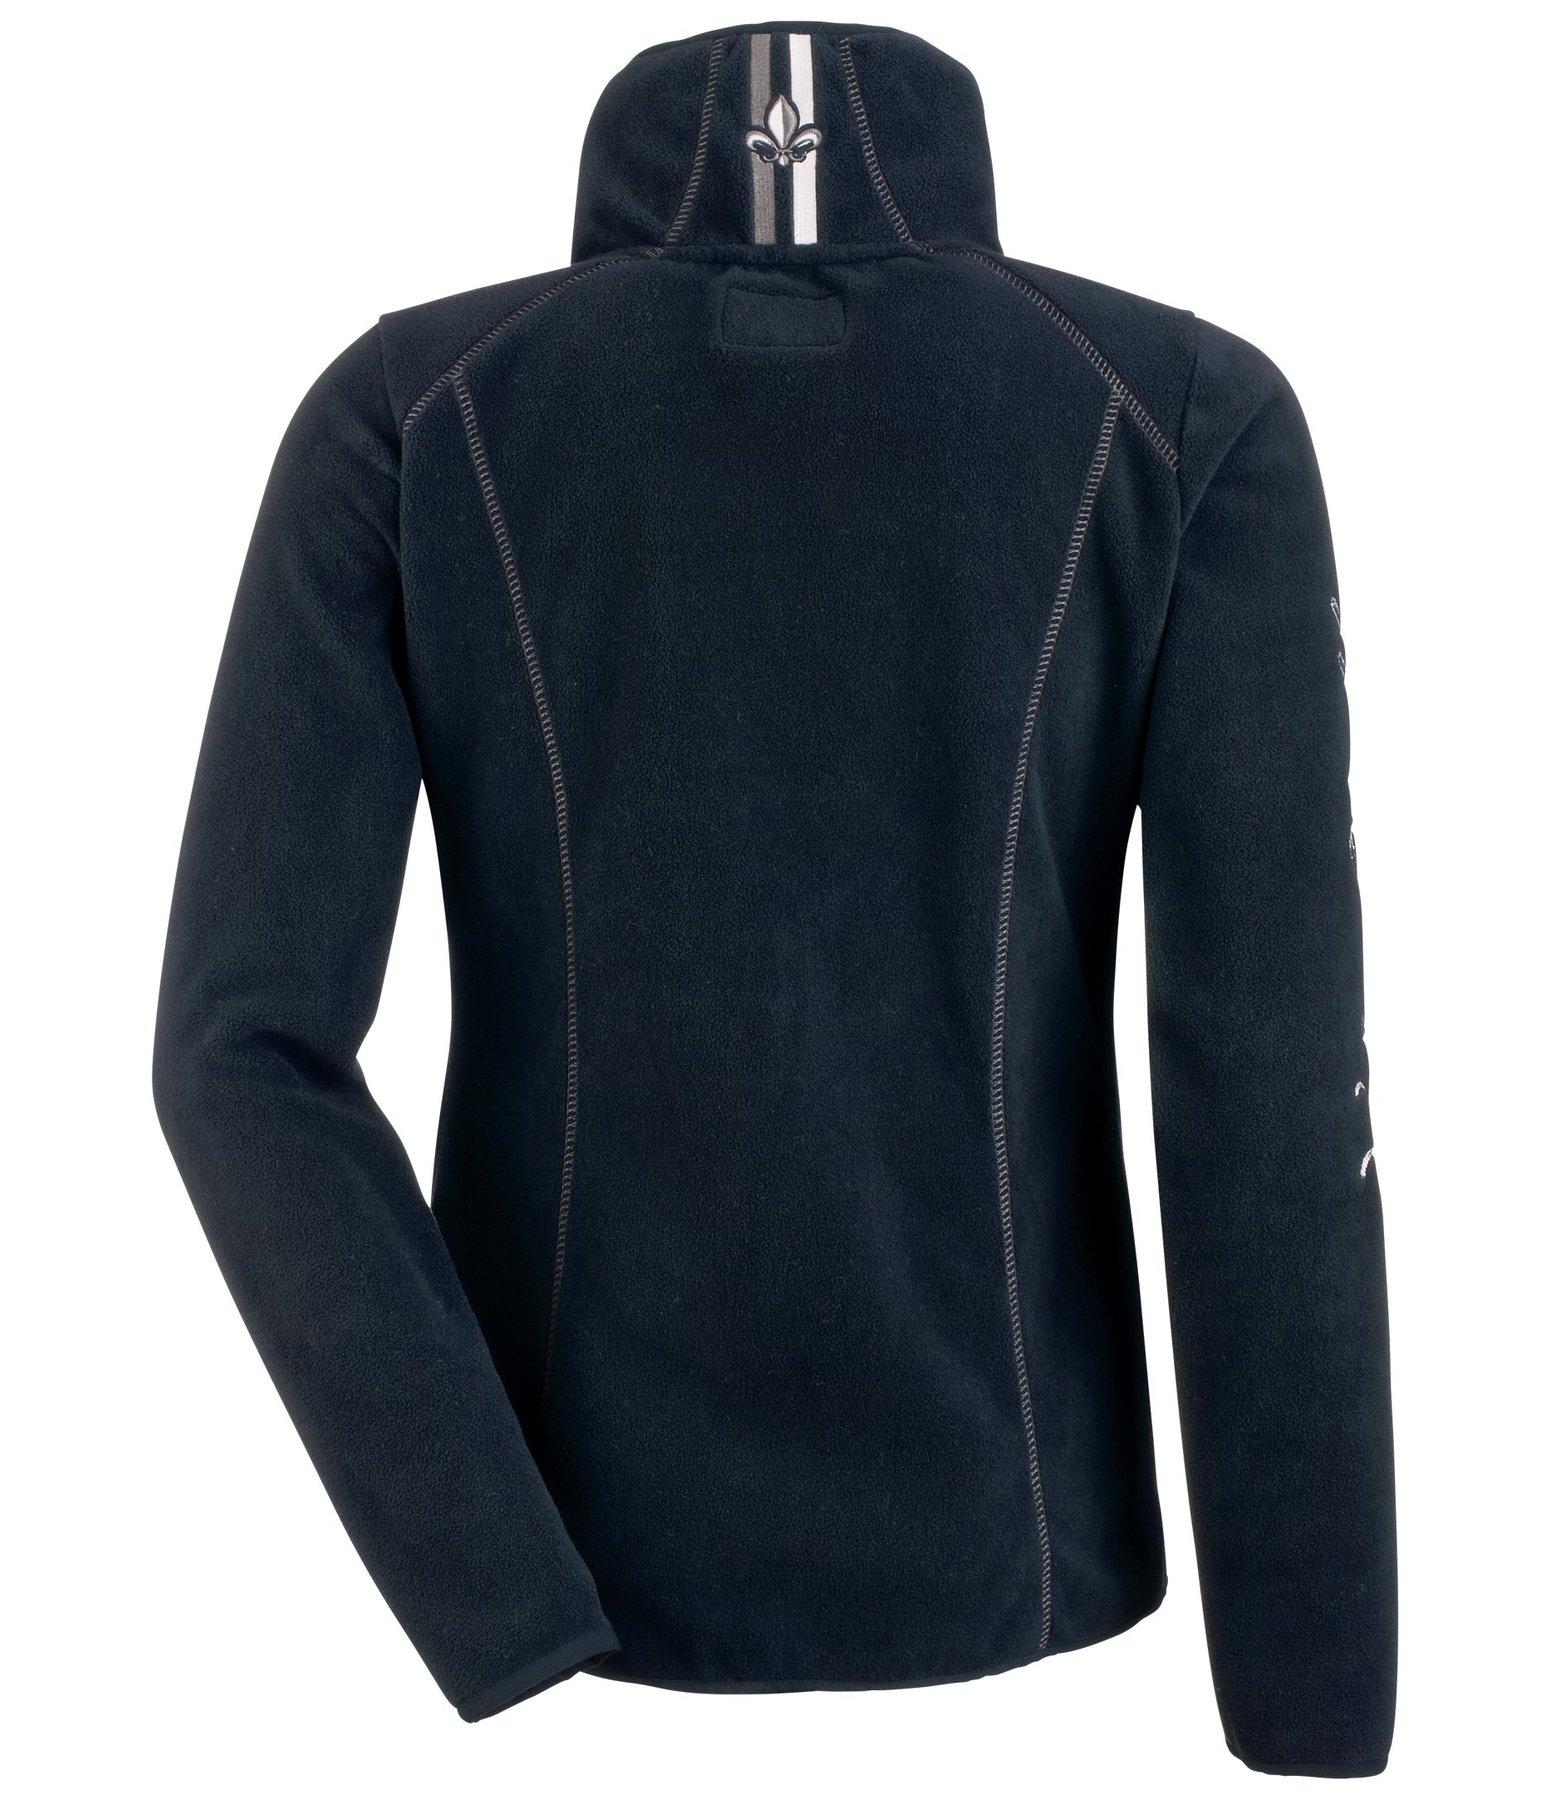 fleece jacket amelie fleece jackets kramer equestrian. Black Bedroom Furniture Sets. Home Design Ideas